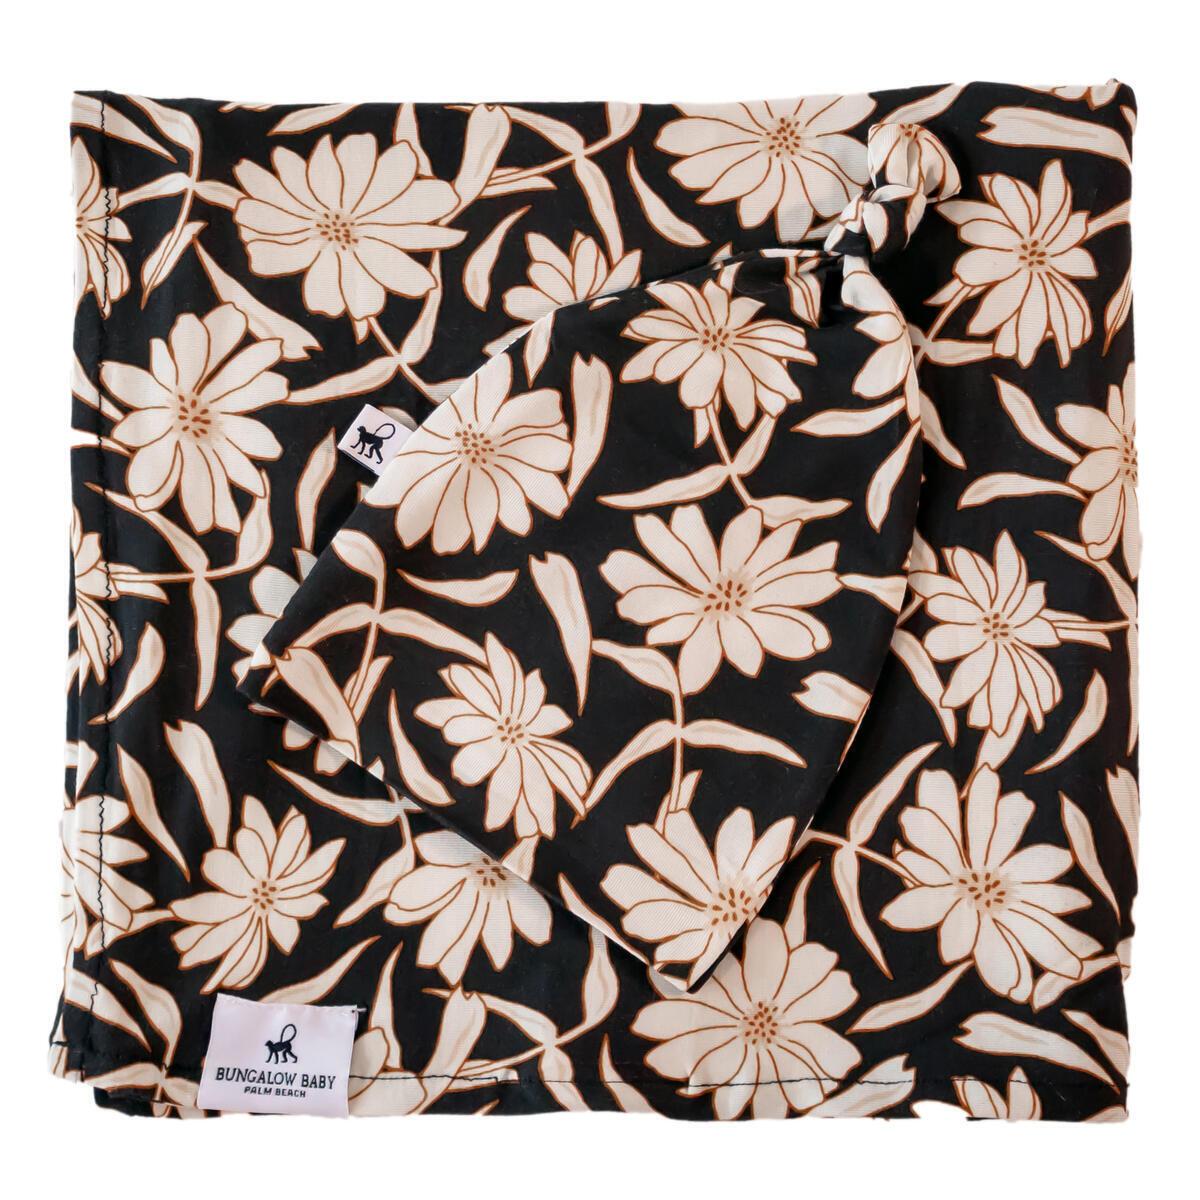 Bungalow Baby Swaddle Set - Premium Bamboo Viscose Baby Swaddle Blanket & Hat Set, Baby Boy, Baby Girl, Unisex, Newborn Swaddle, Baby Wrap, Bamboo Blanket, (Wild Flower)